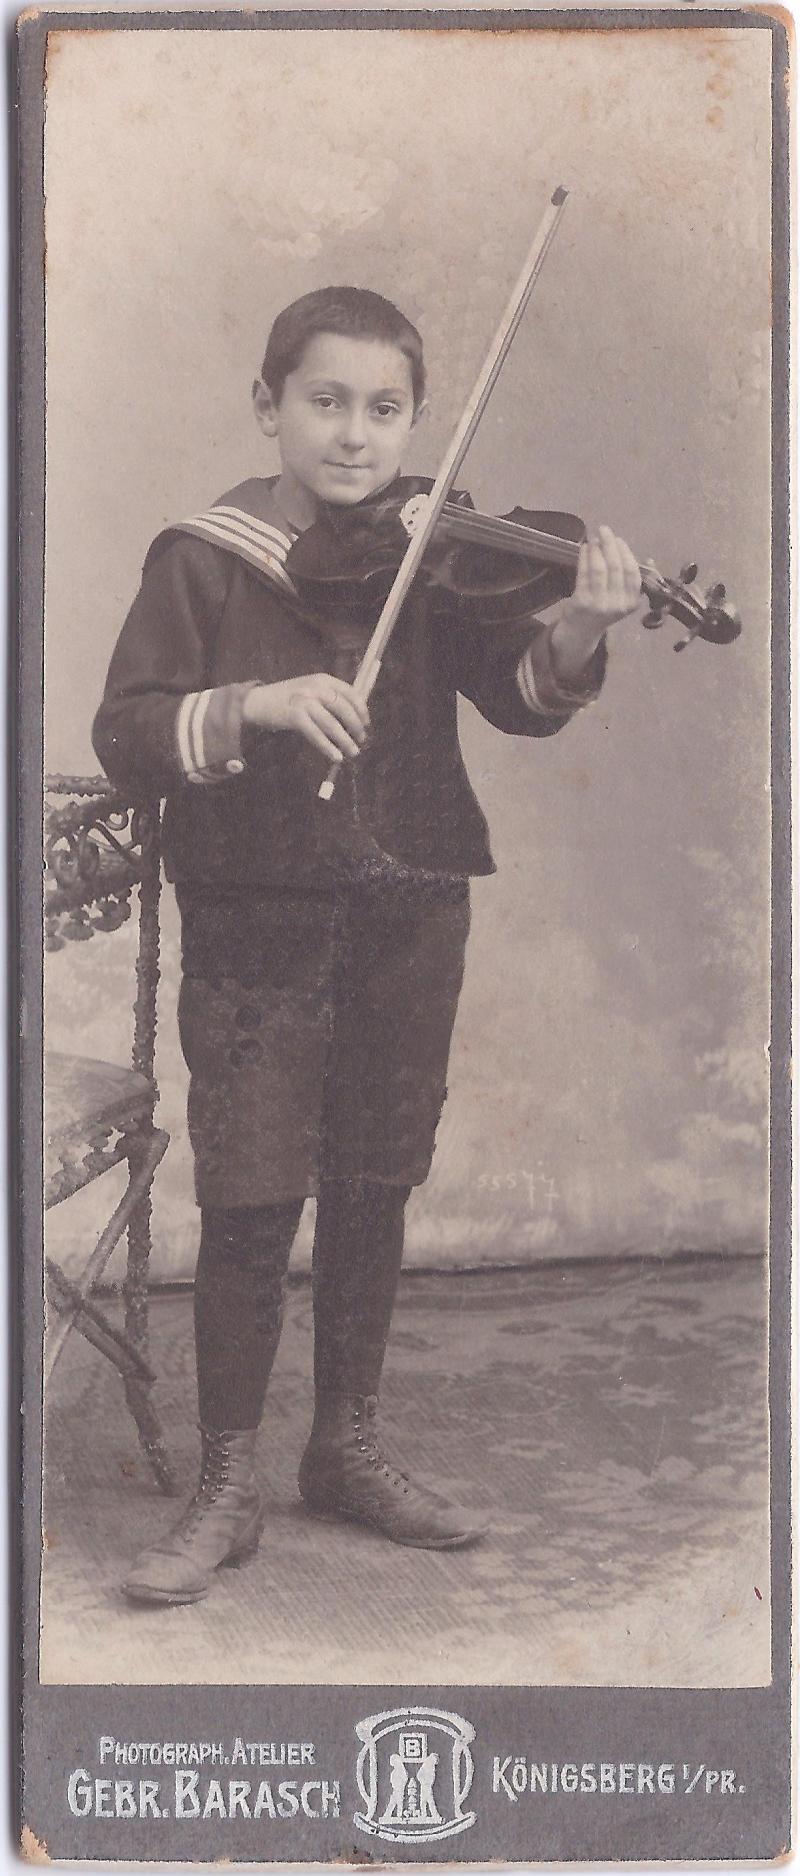 הוגו כהן - מנגן על כינור